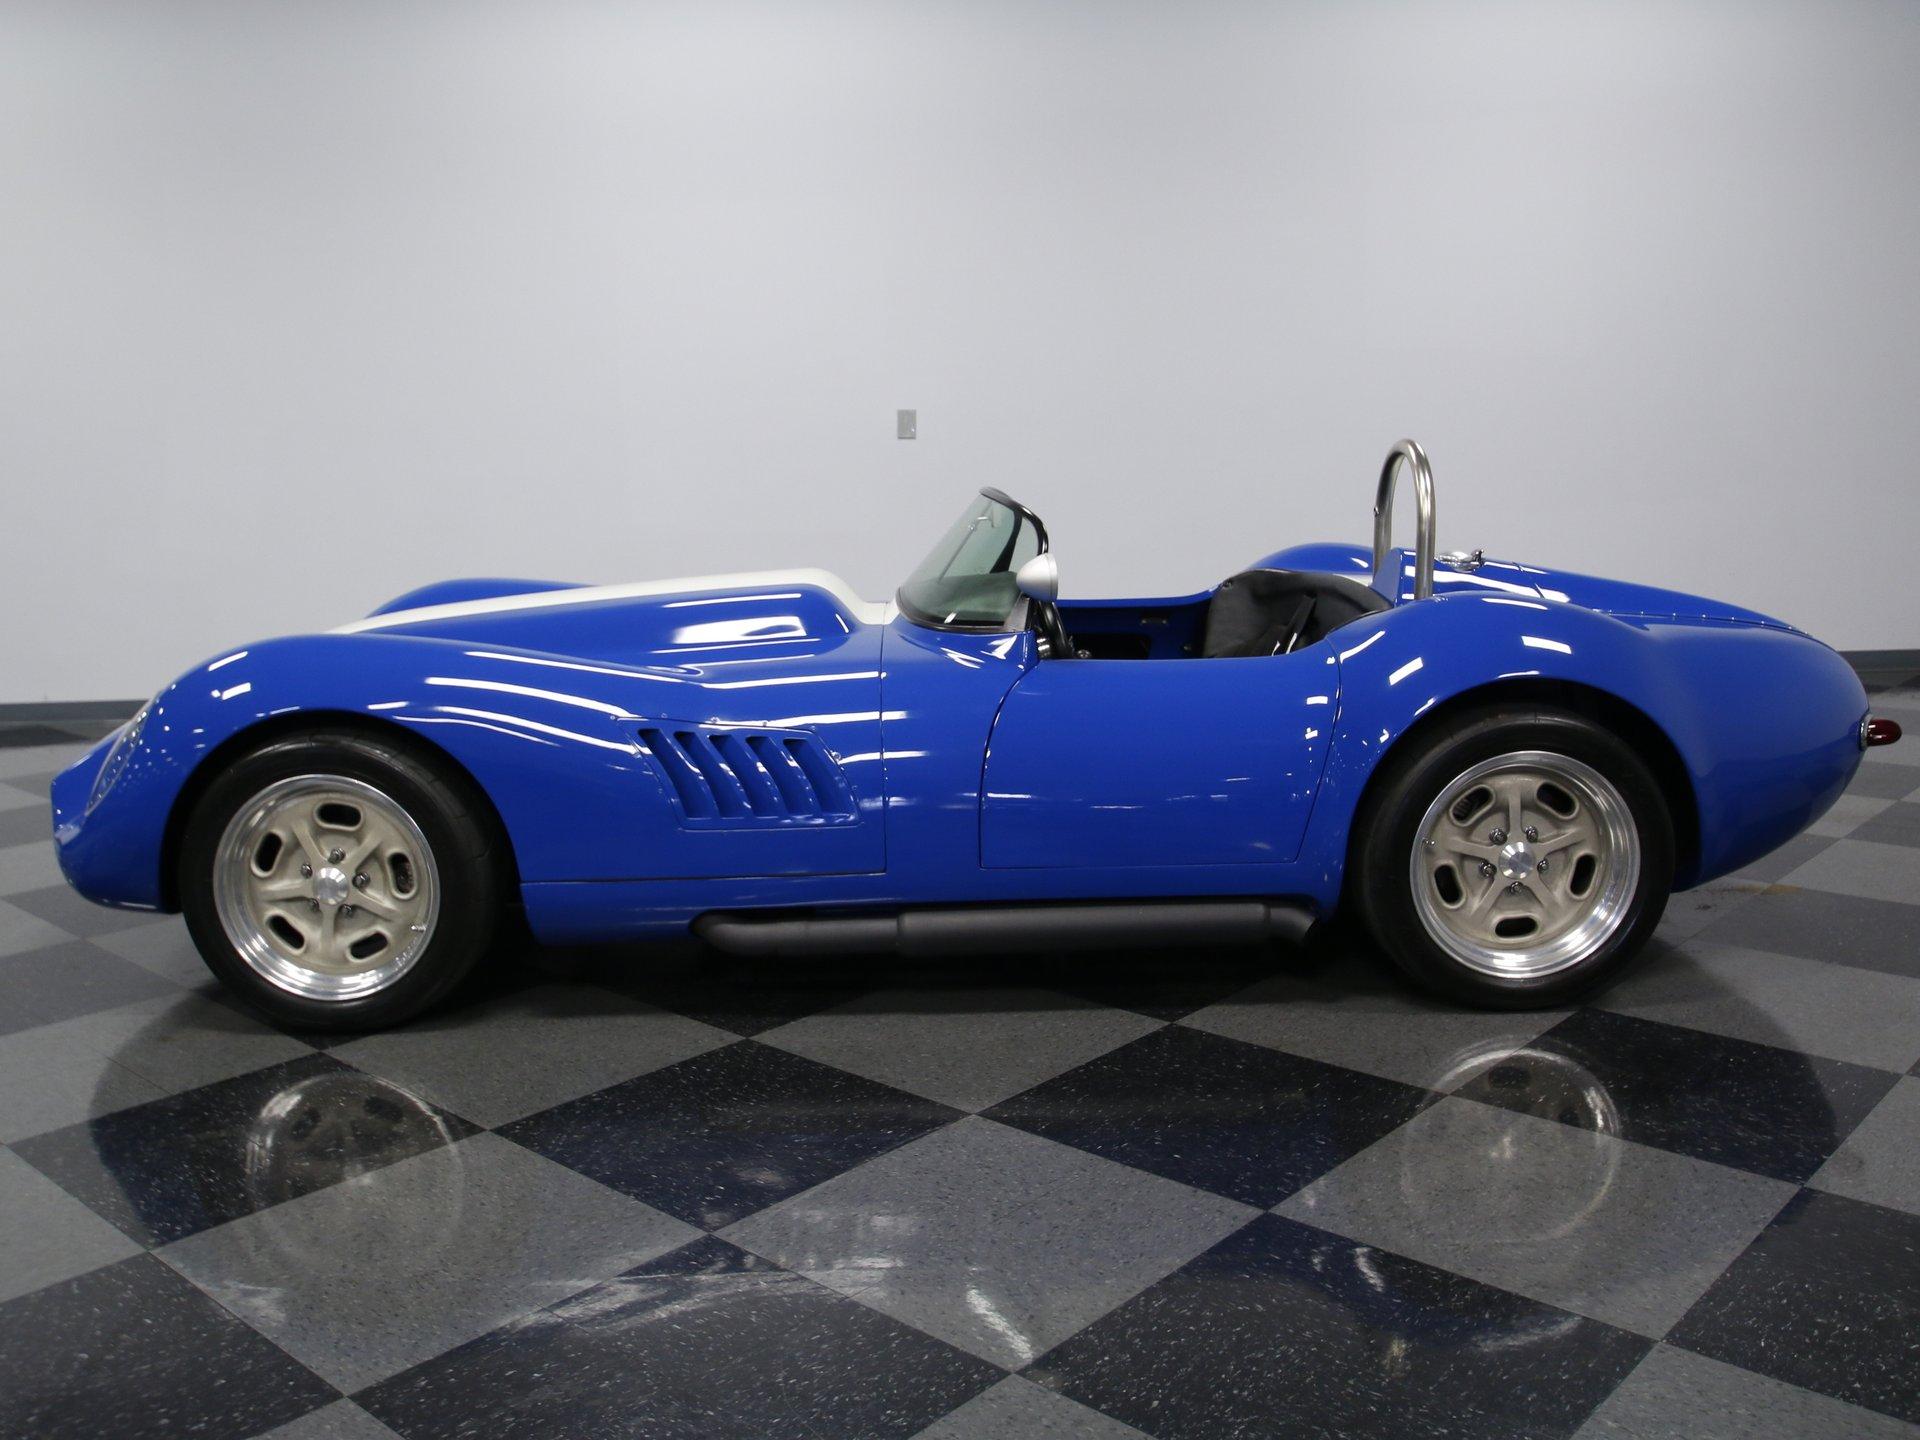 1958 chevrolet corvette lister replica lucra cars lc 470